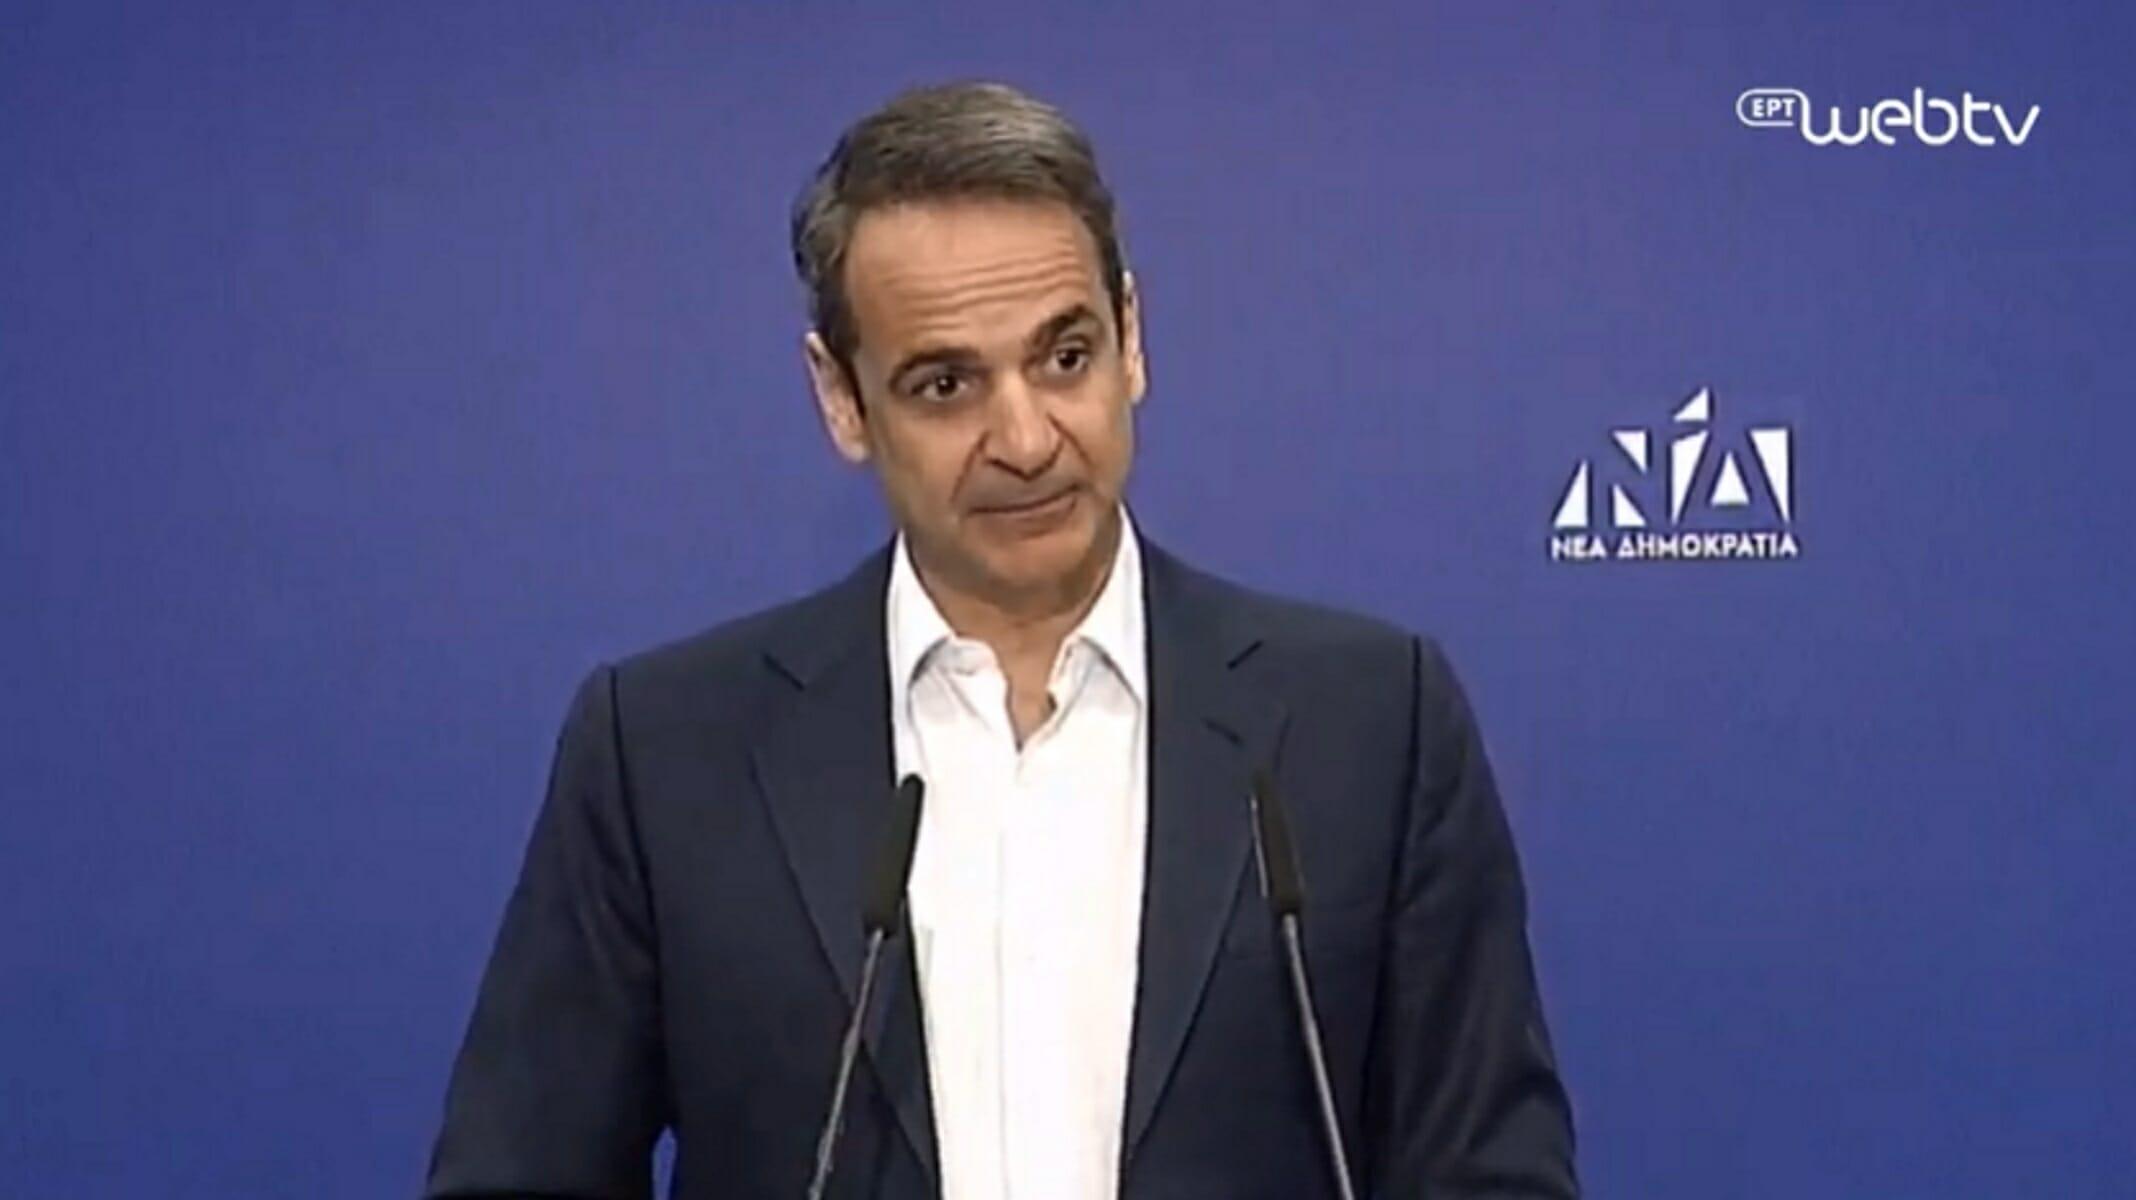 Κυριάκος Μητσοτάκης: Η ομιλία του στην Πολιτική Επιτροπή της ΝΔ